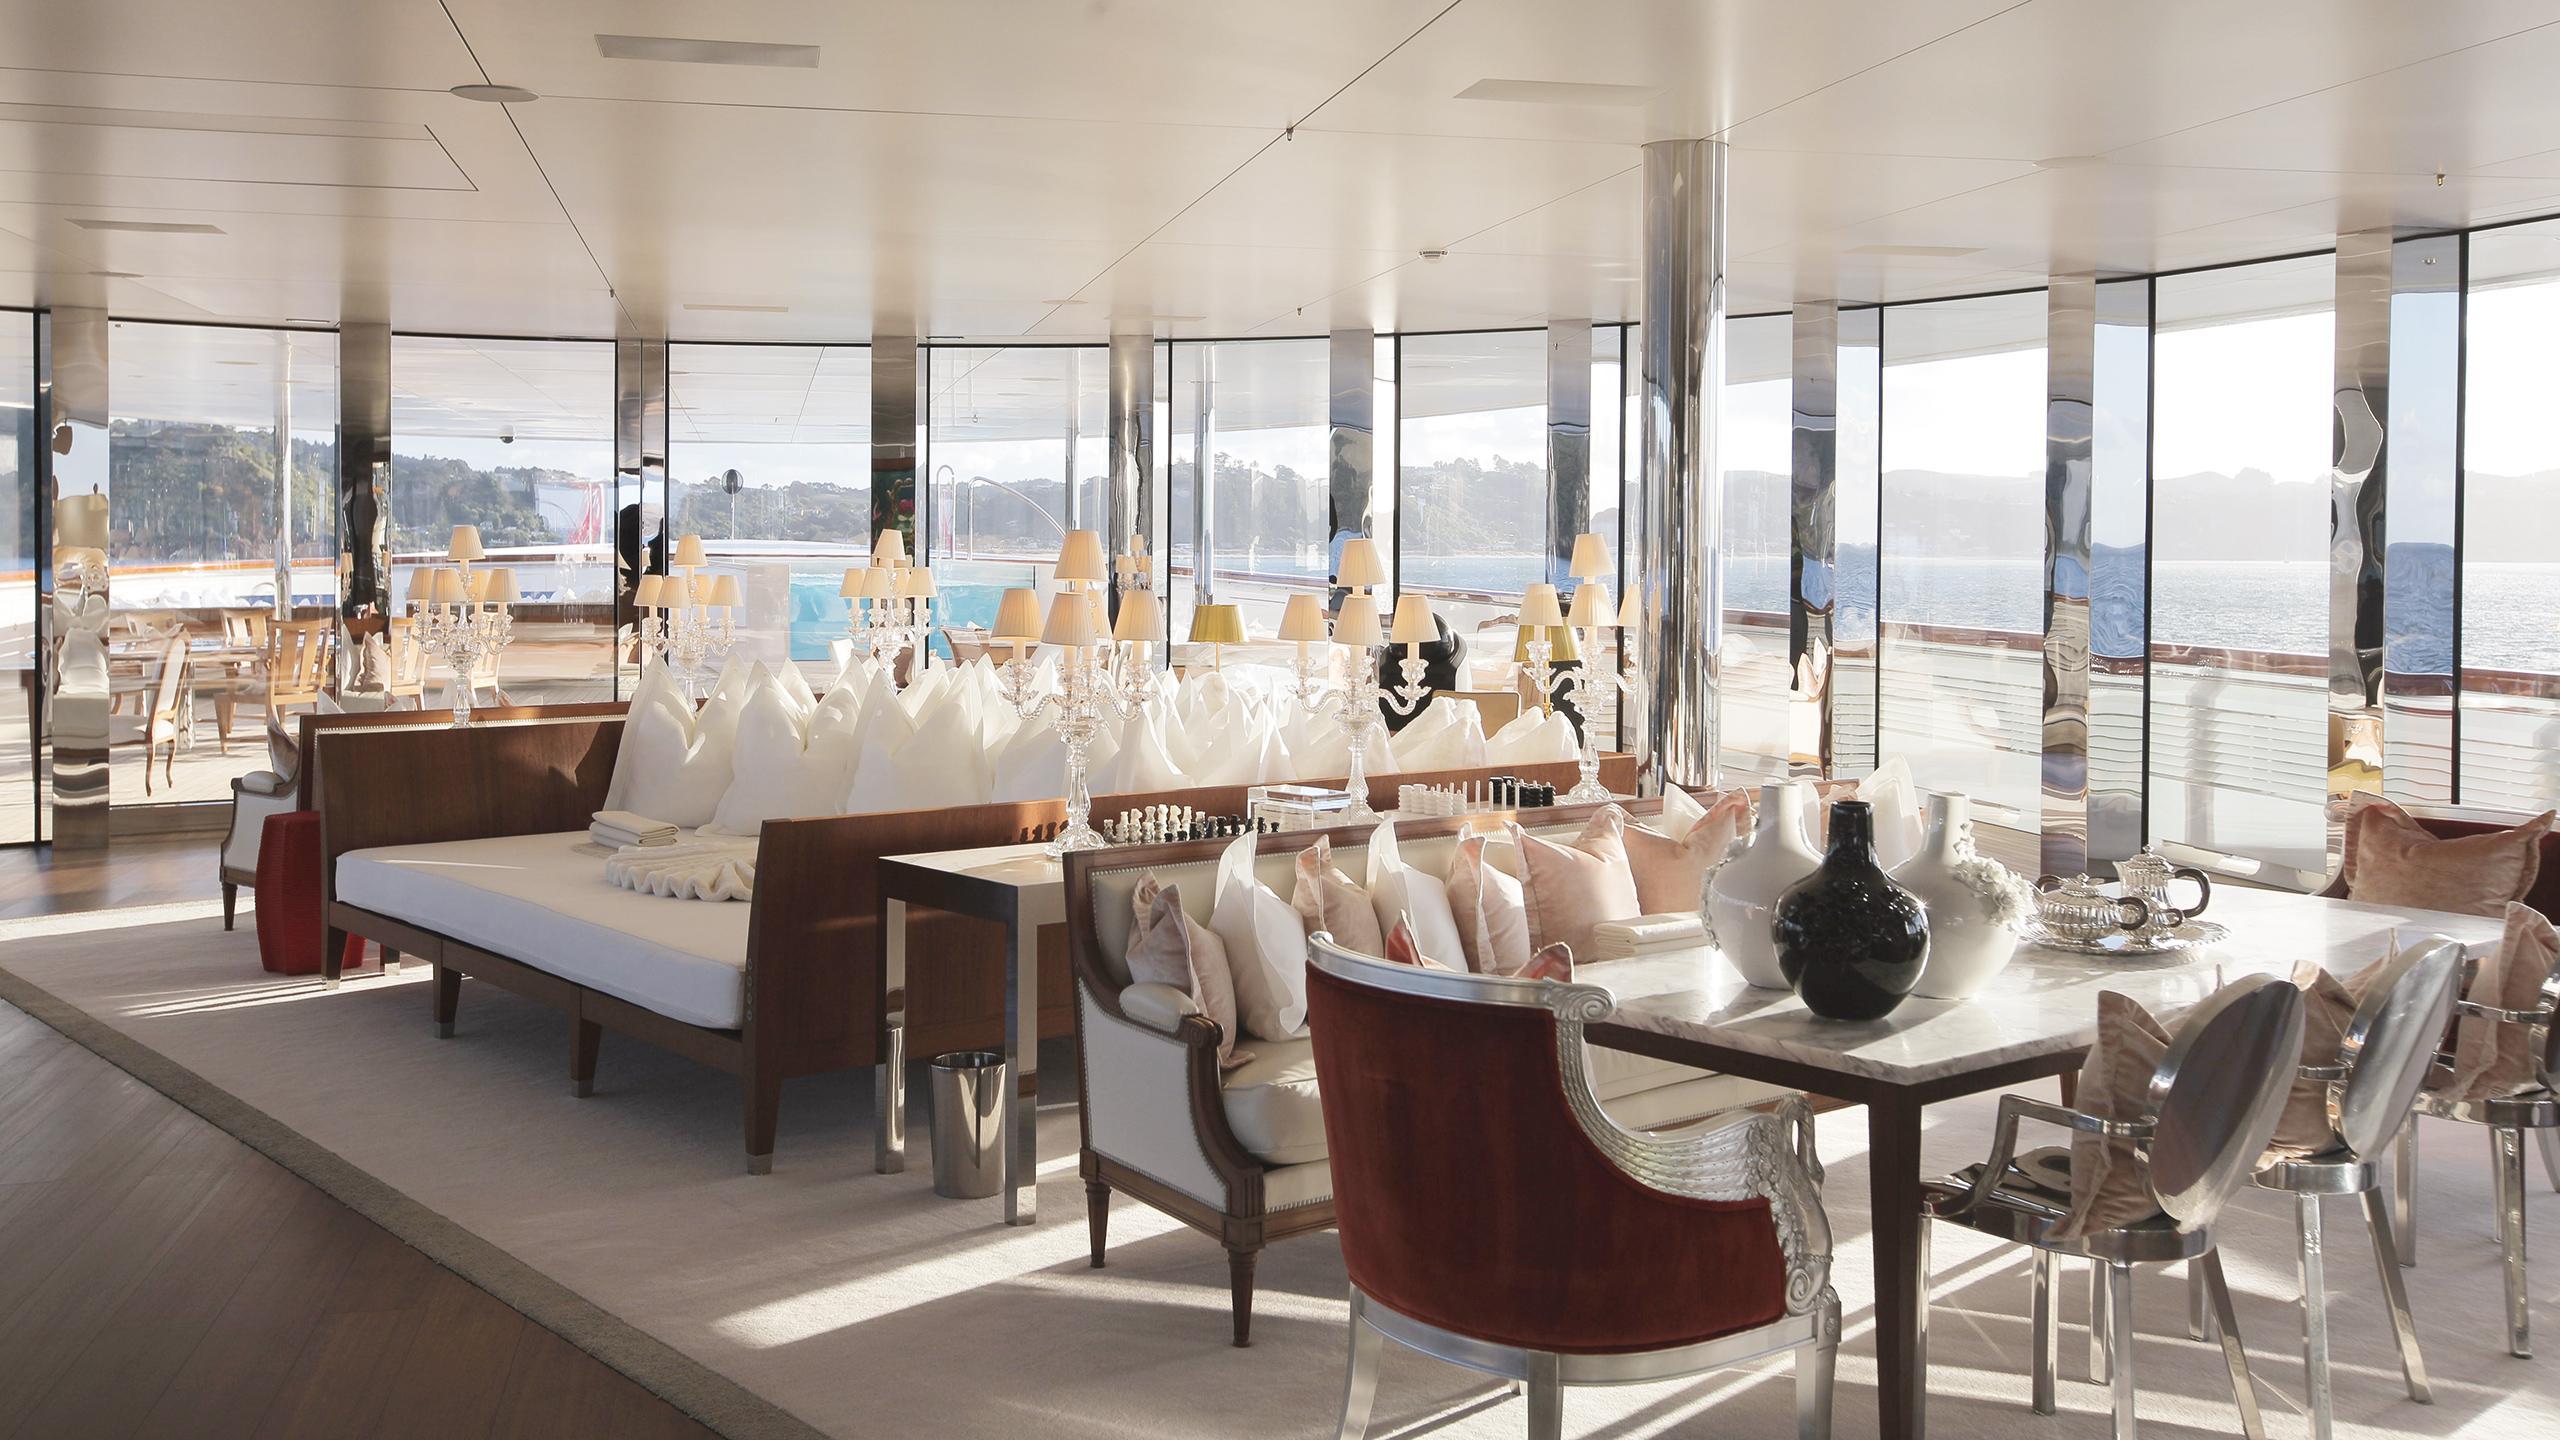 superyacht-a-motor-yacht-blohm-voss-2008-119m-lounge